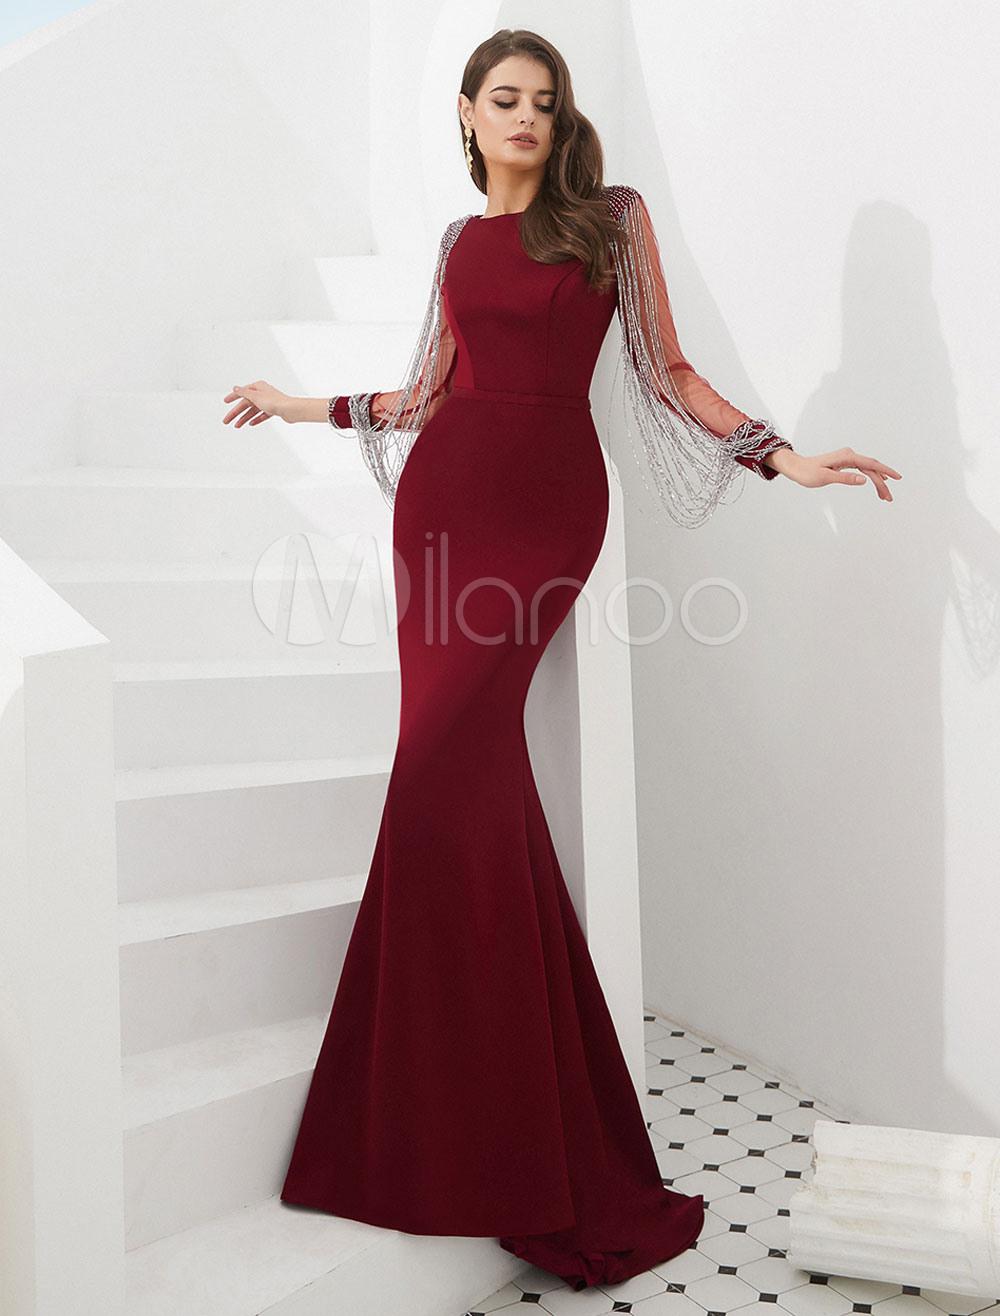 13 Luxus Meerjungfrau Abendkleid Boutique15 Top Meerjungfrau Abendkleid Spezialgebiet